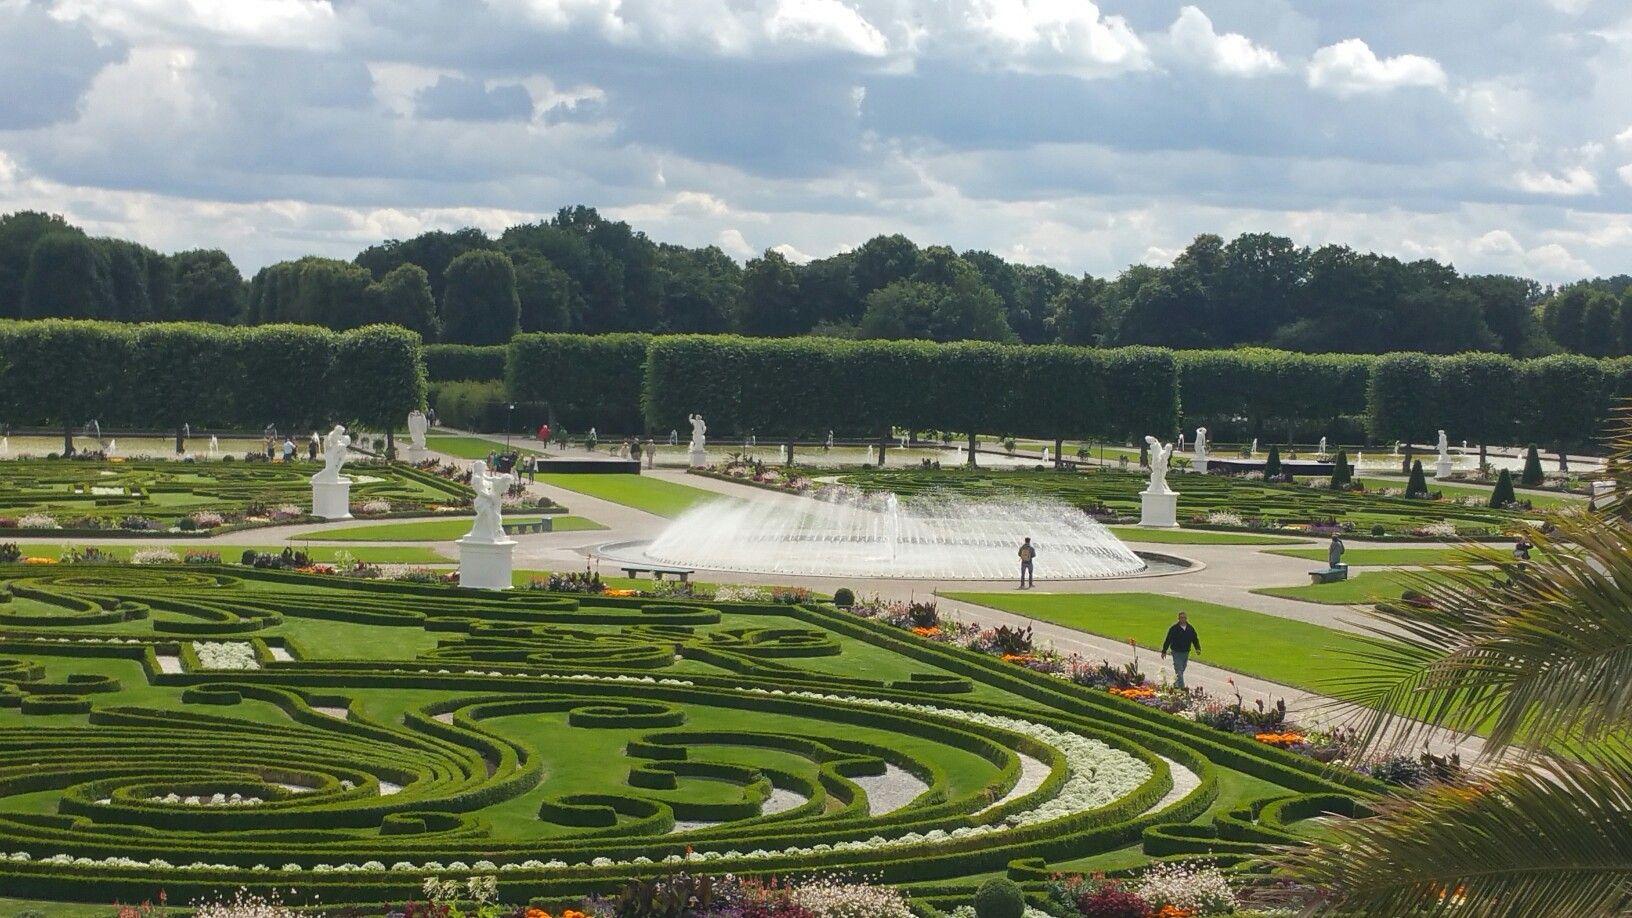 Herrenhauser Garten Beautiful Gardens Fresh Air Scenic